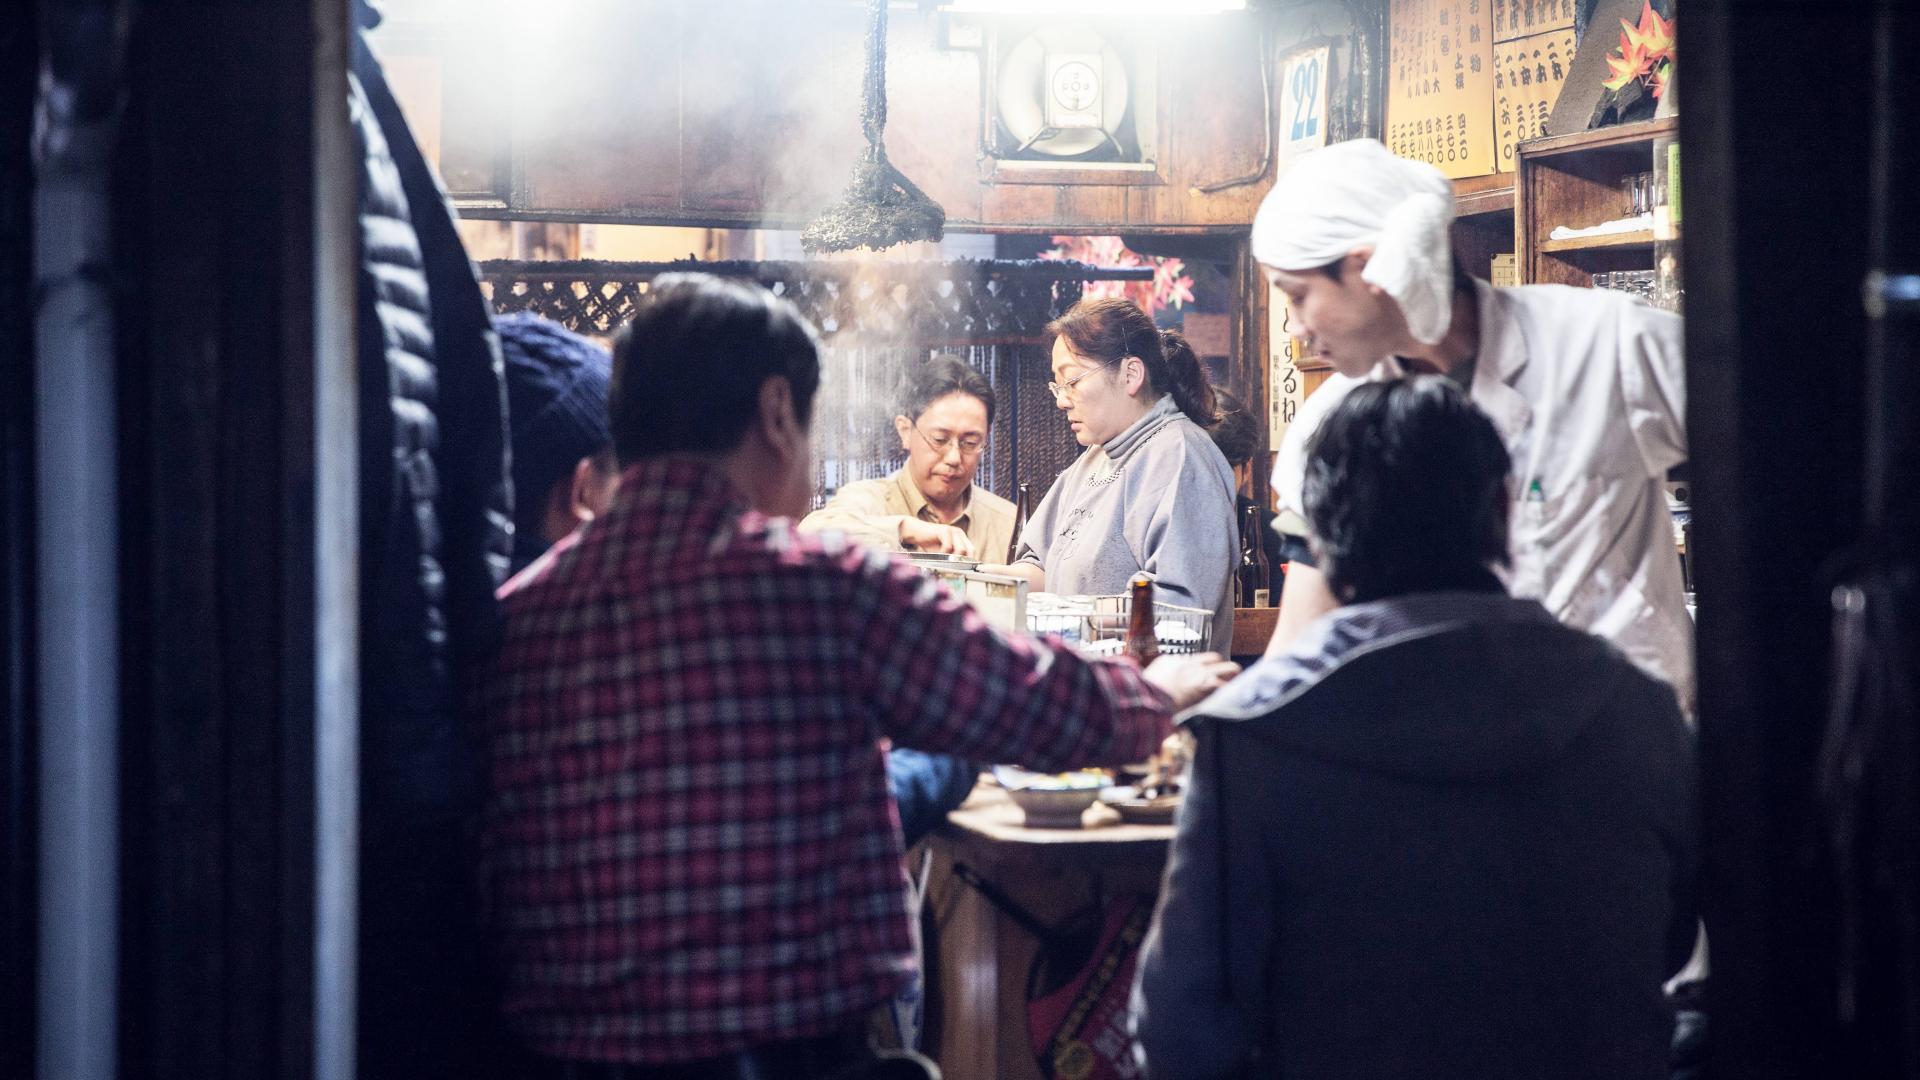 Abendessen, Mahlzeit, Japan, Japaner, japanisches Restaurant, japanische Küche.